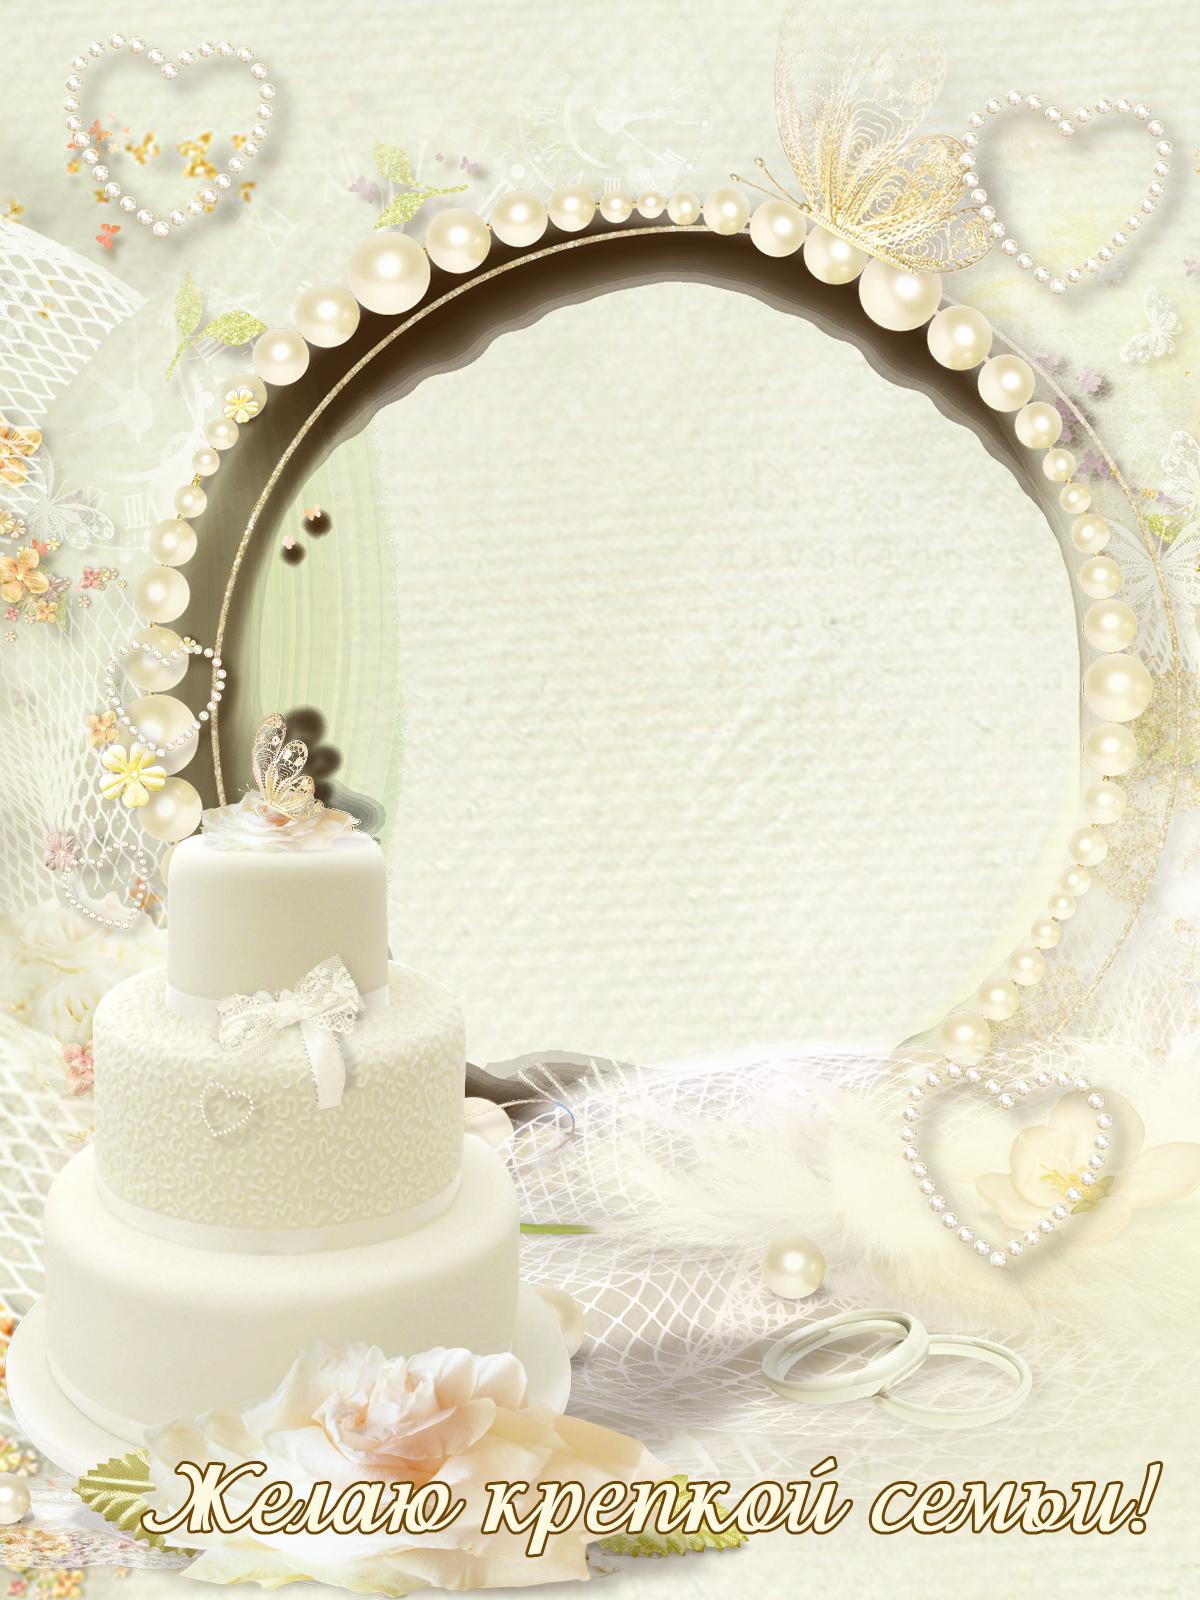 Фоторамка Желаю крепкой семьи! Фоторамка для фотошопа, PNG шаблон. Круглая фоторамка, свадебная открытка с поздравлением. Свадебный торт, пожелание крепкой семьи. Крем-брюле, жемчуг, сердечки.